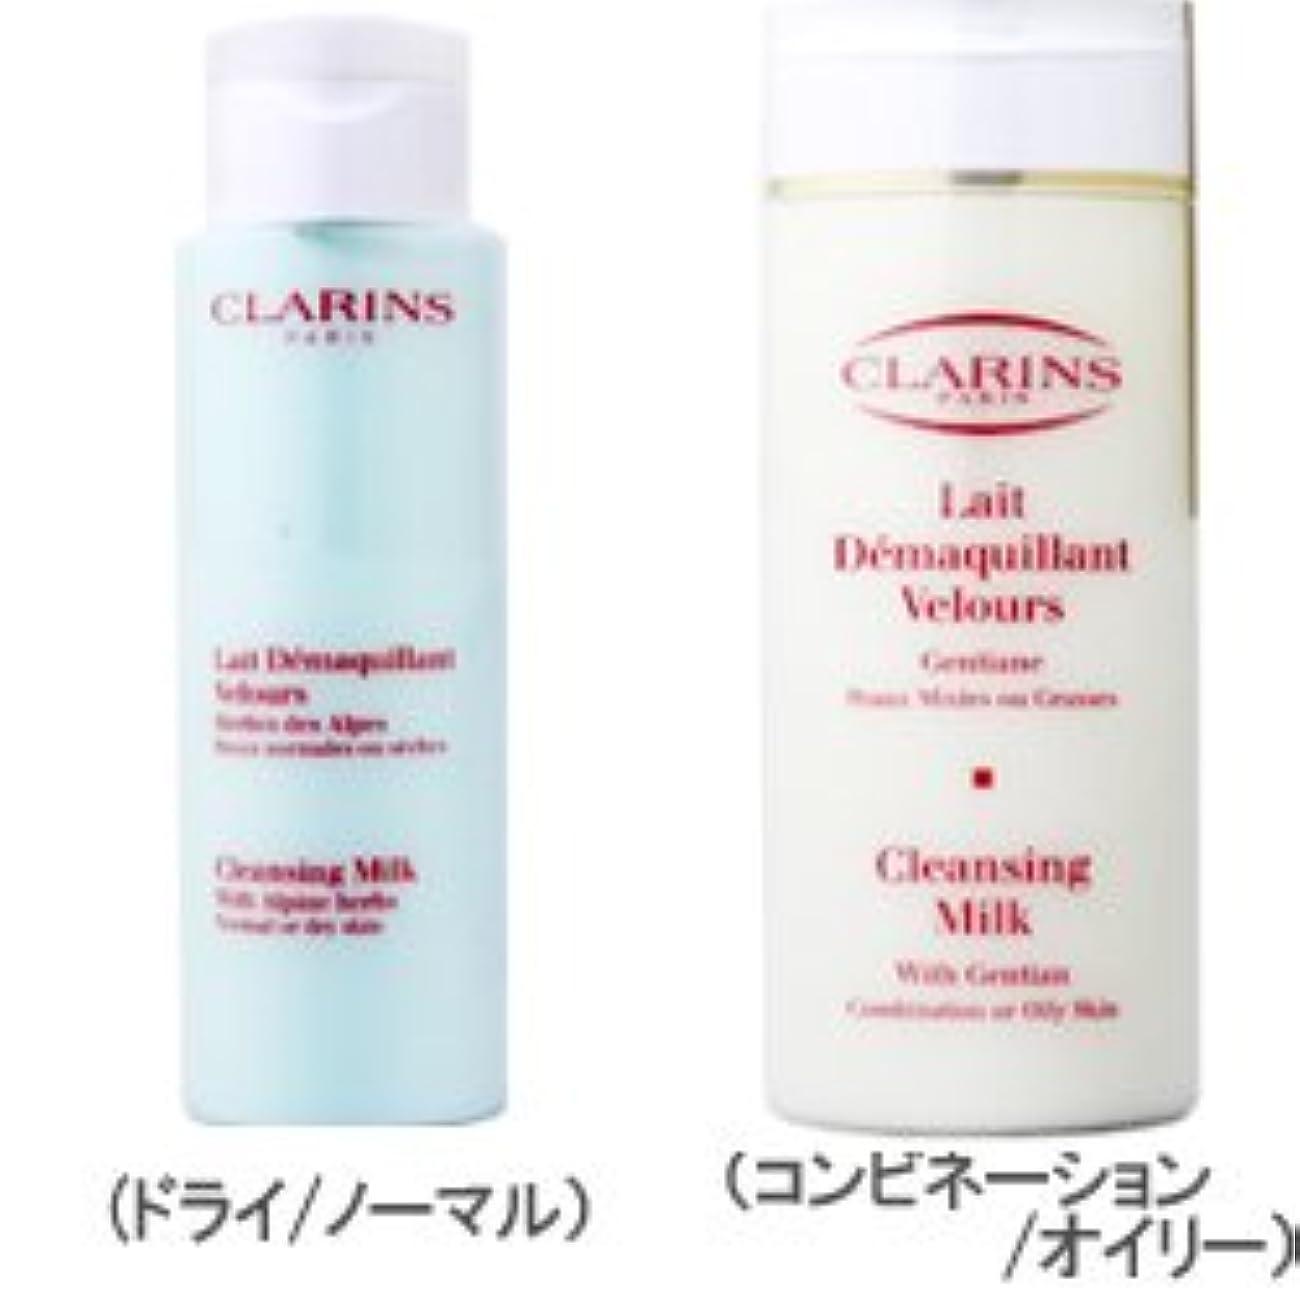 ペックお集中的なクラランス CLARINS クレンジング ミルク 200mL【ドライ/ノーマル】 [並行輸入品]